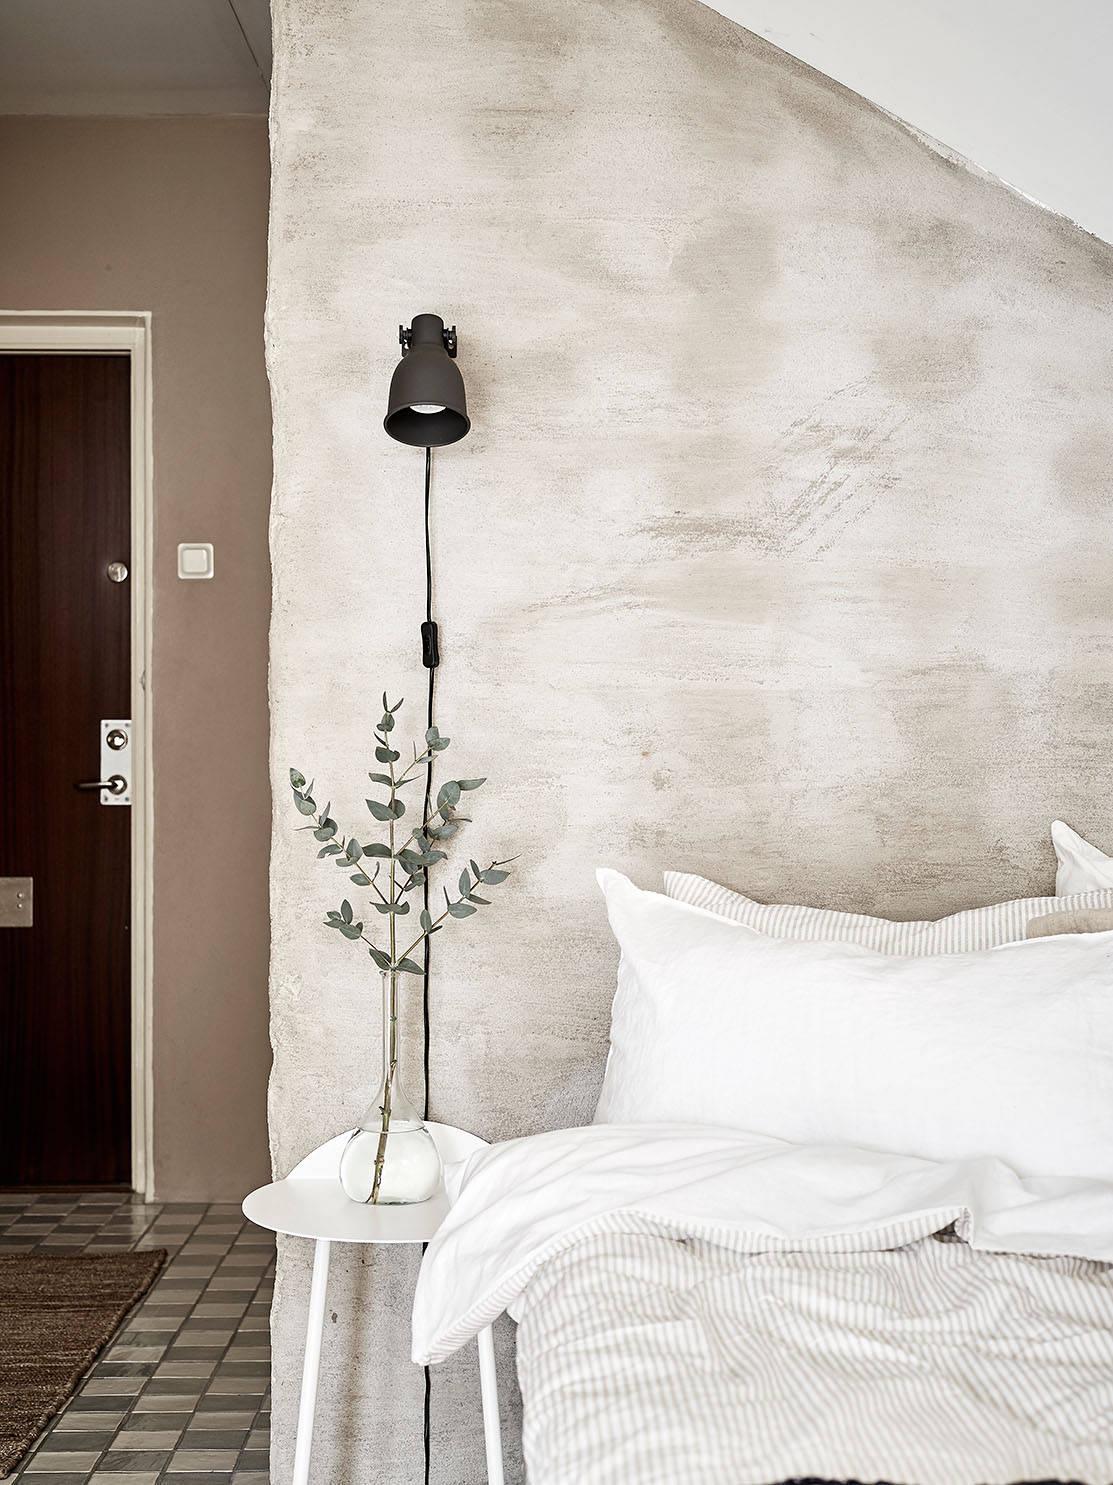 sypialnia w stylu skandynawskim, sypialnia w kawalerce, sypialnia ze skośnymi ścianami